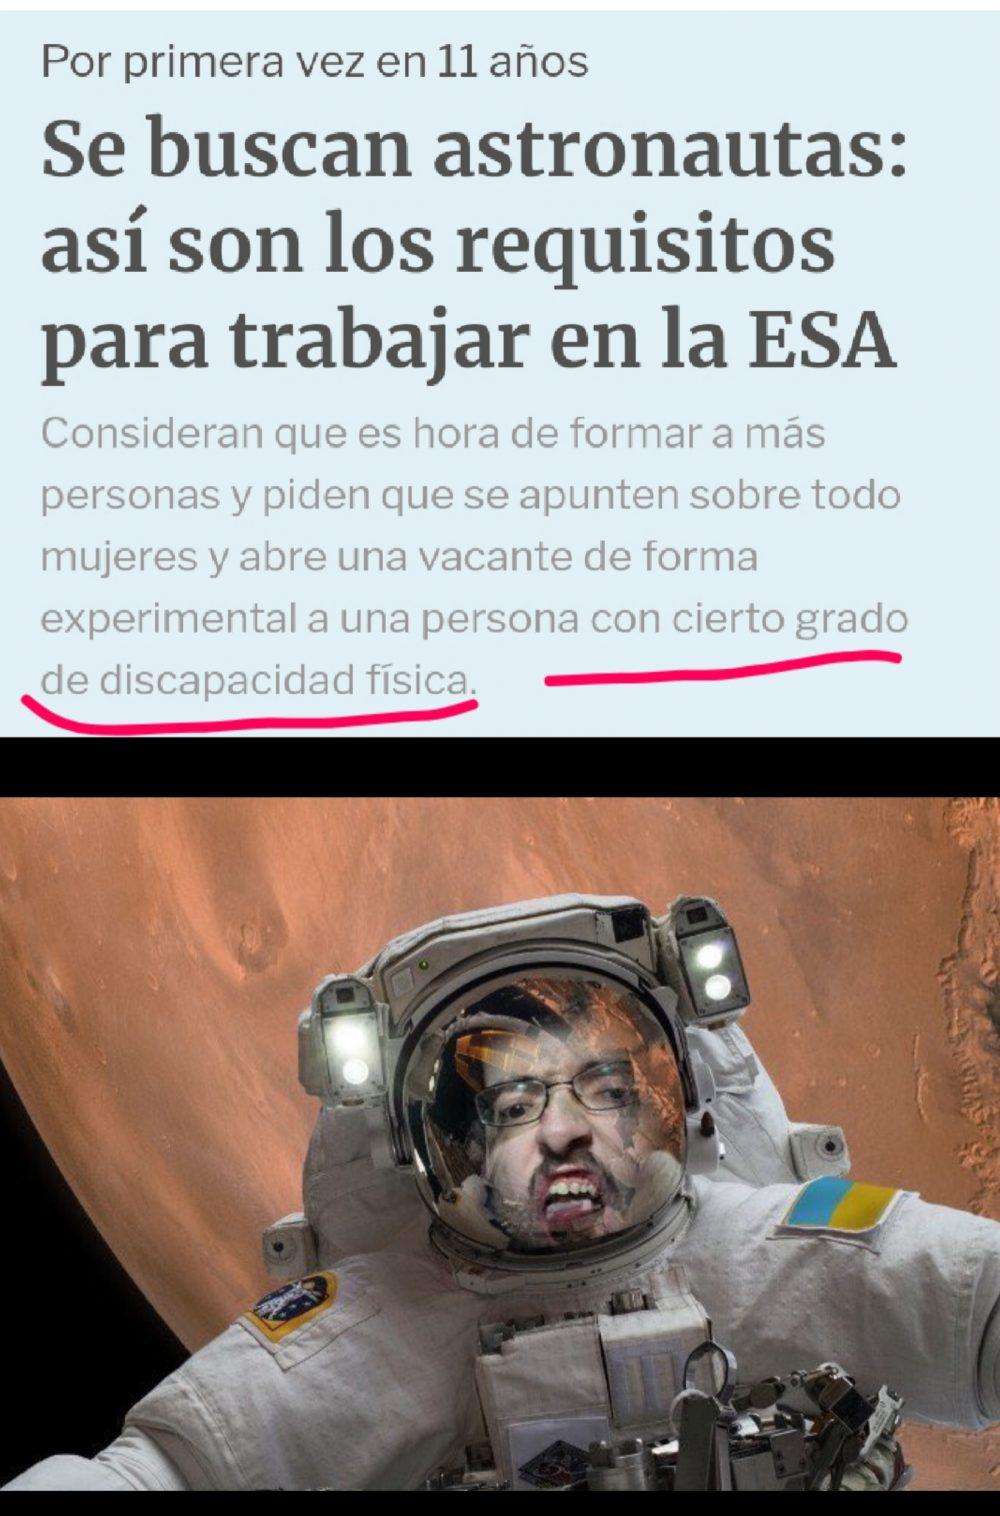 Estos sos nuevos requisitos de la ESA para buscar nuevos astronautas